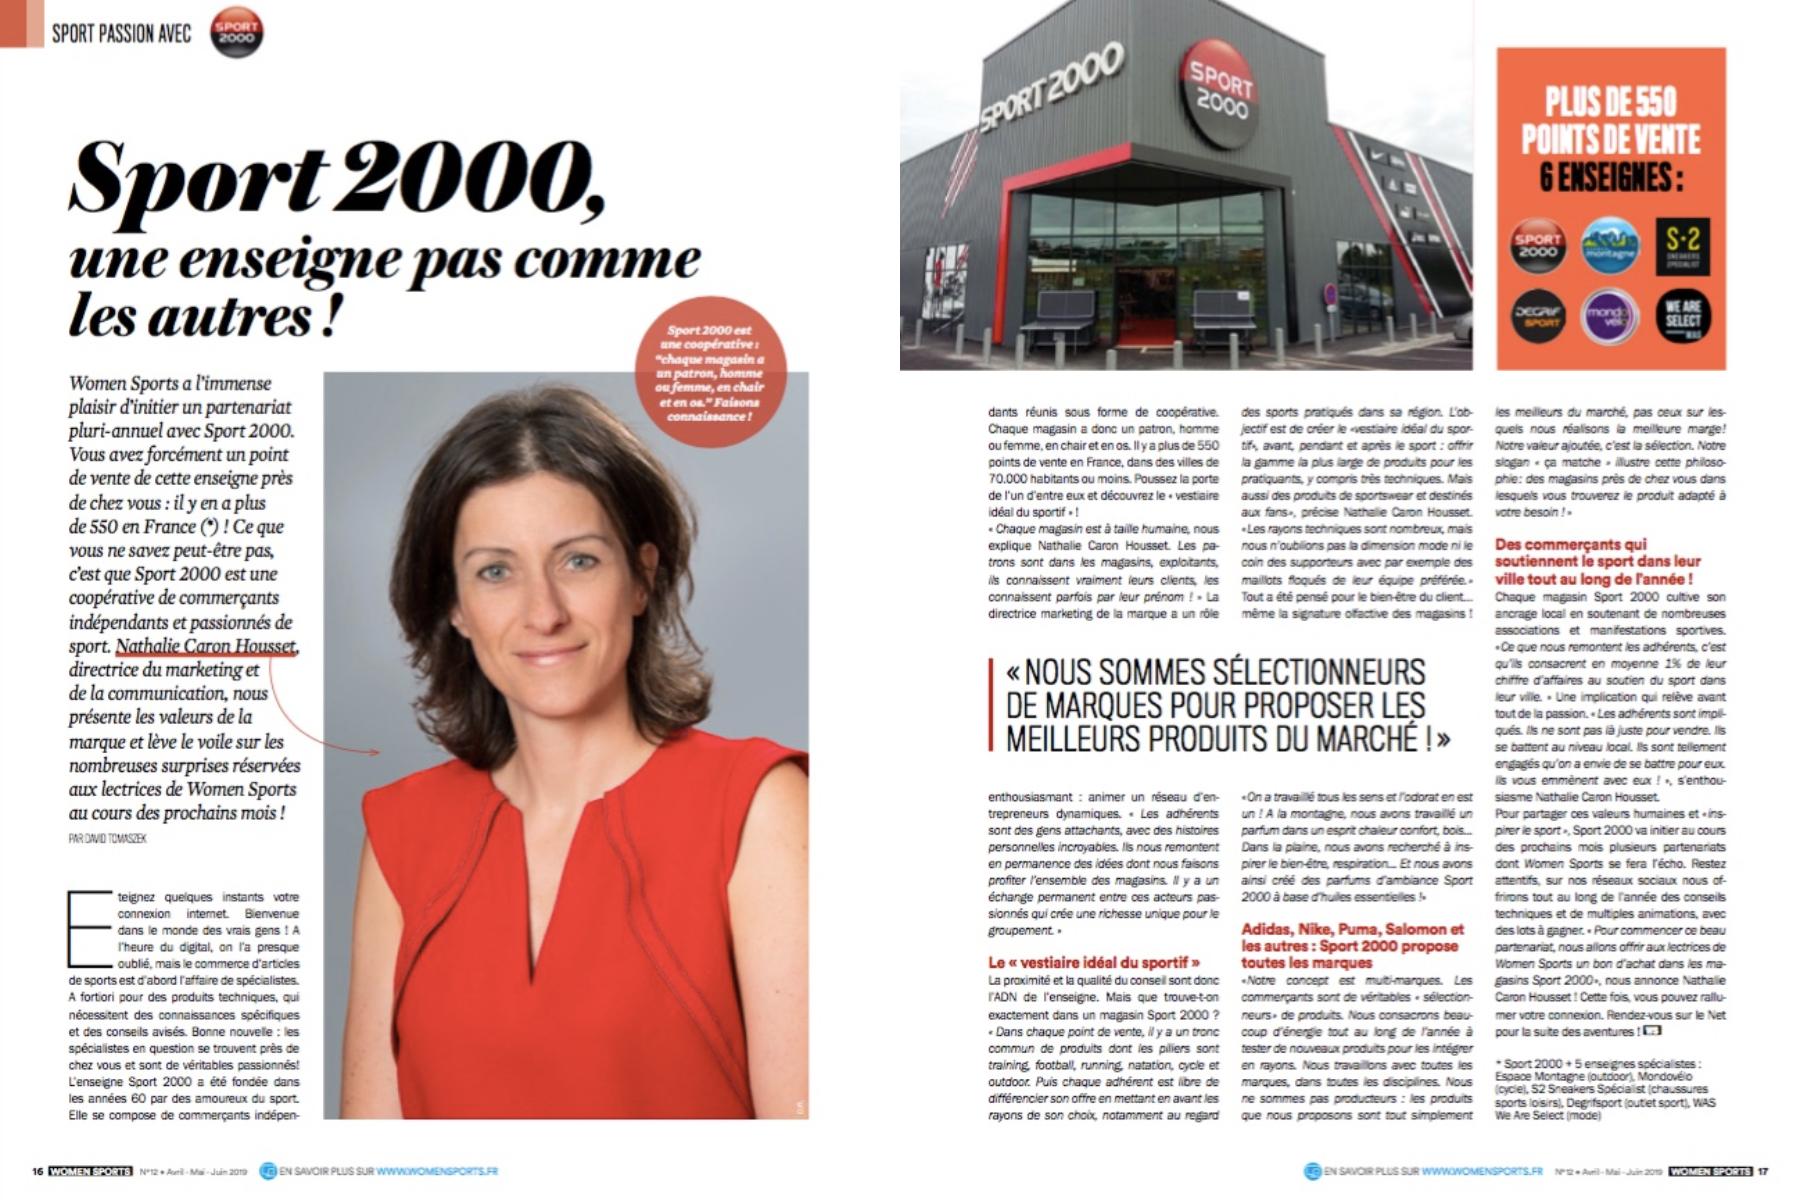 Women Sports a conclu un partenariat avec Sport 2000. Nathalie Caron Housset, directrice du marketing et de la communication, nous présente les valeurs de la marque.